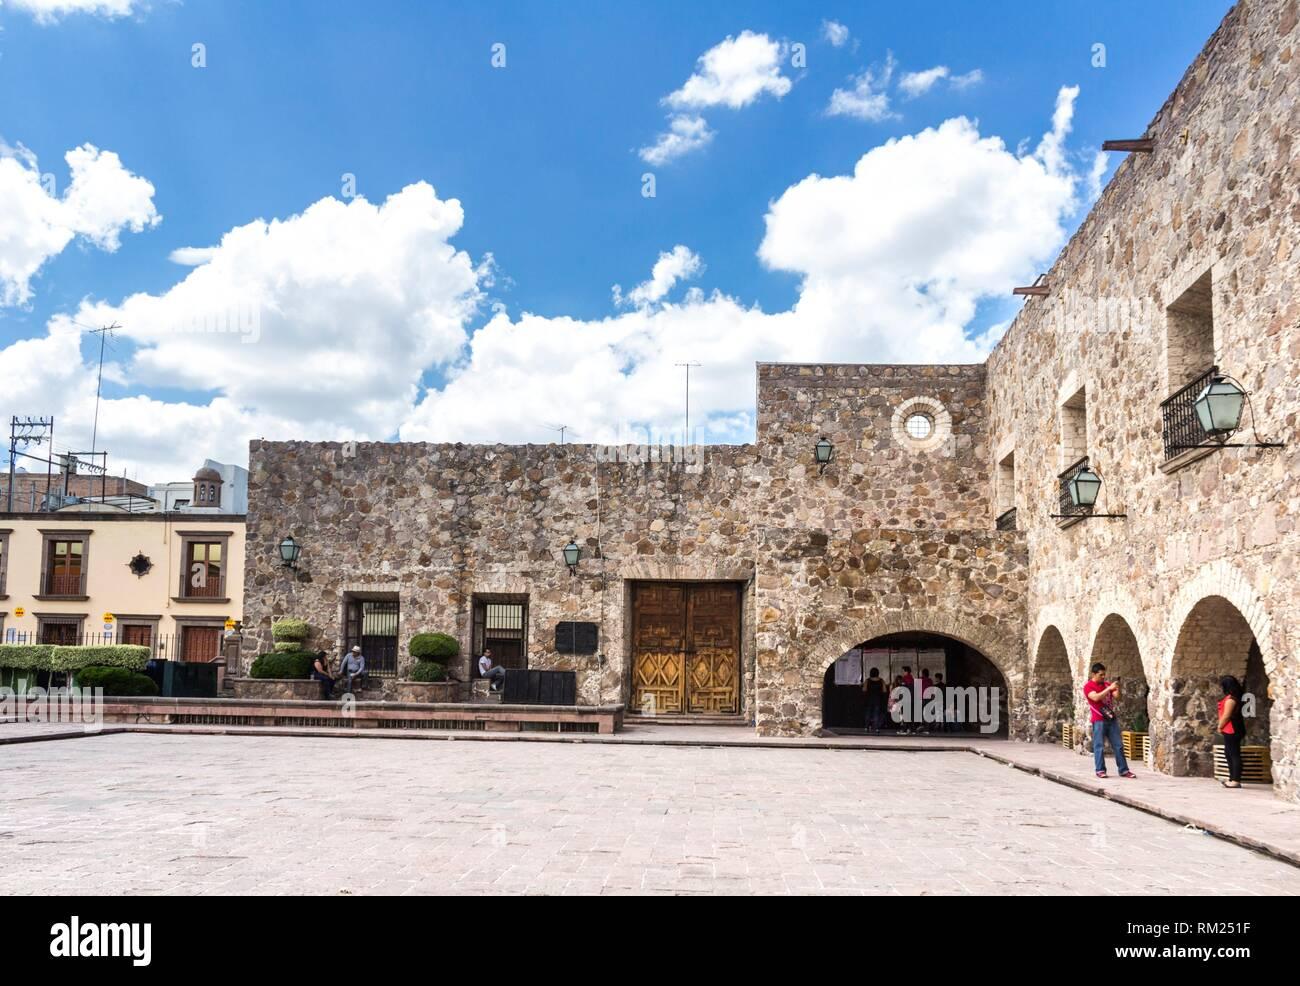 The downtown in a summer day. San Luis Potosí, San Luis Potosí. Mexico. - Stock Image